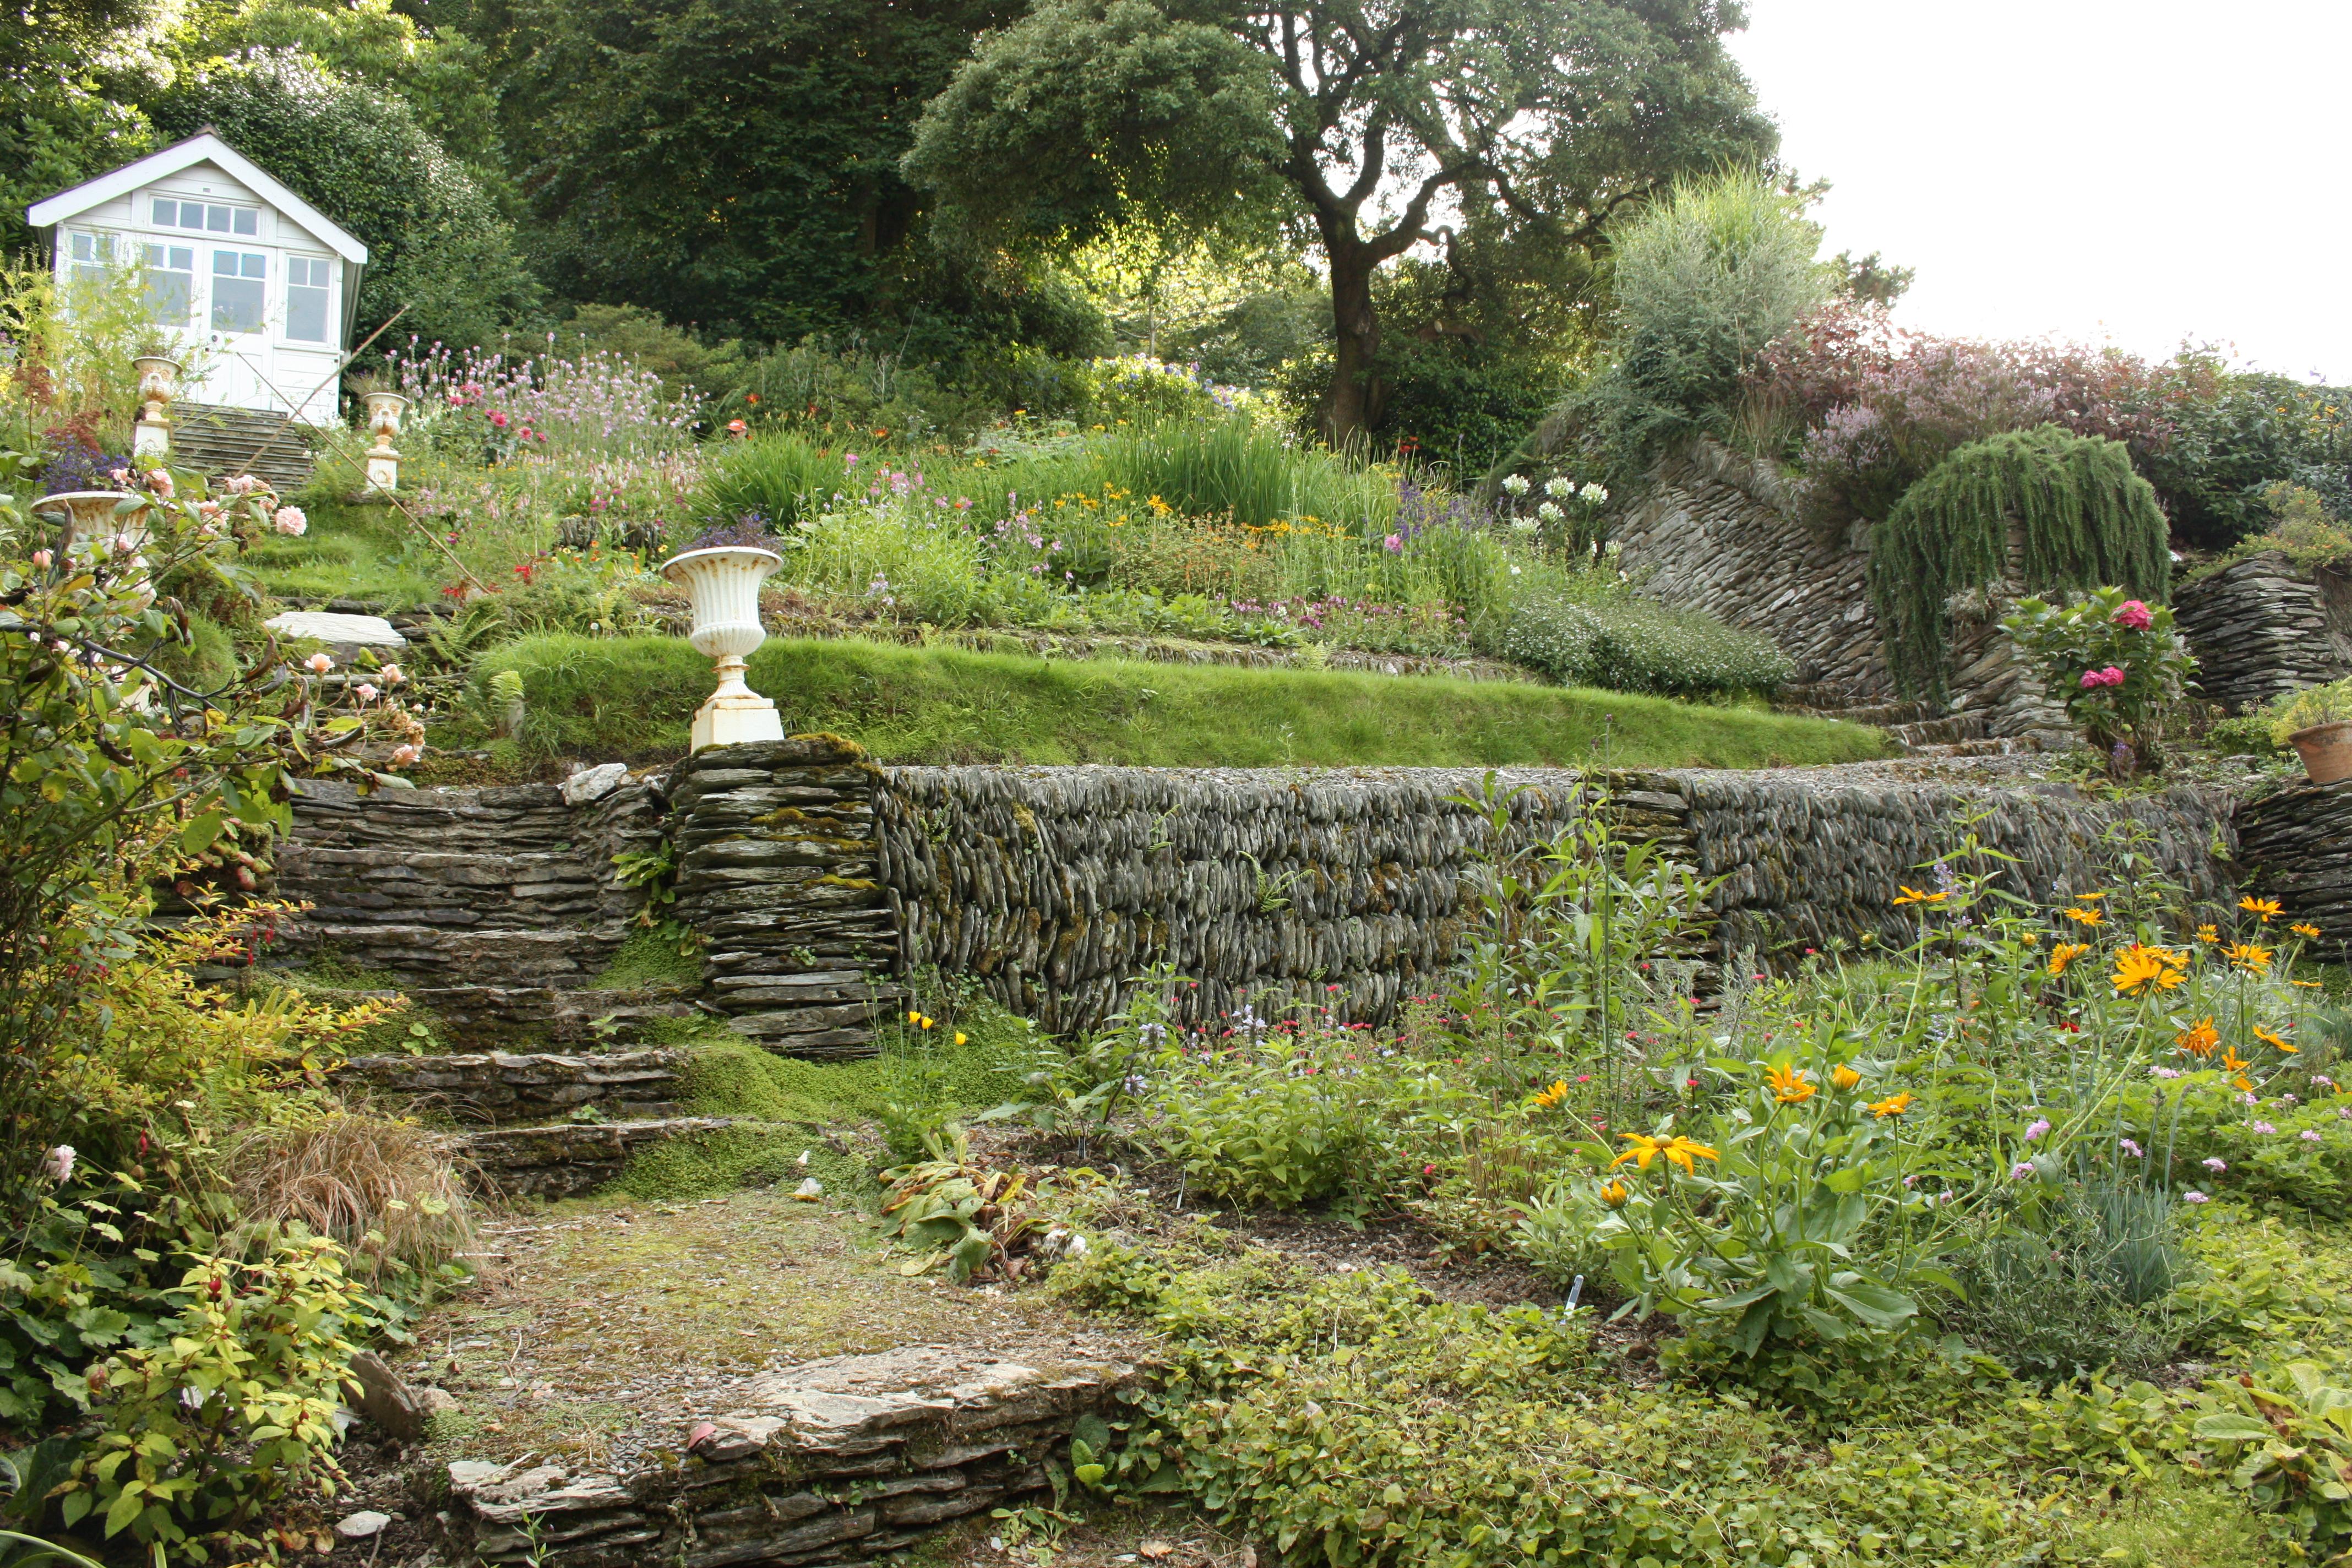 Cliffe garden